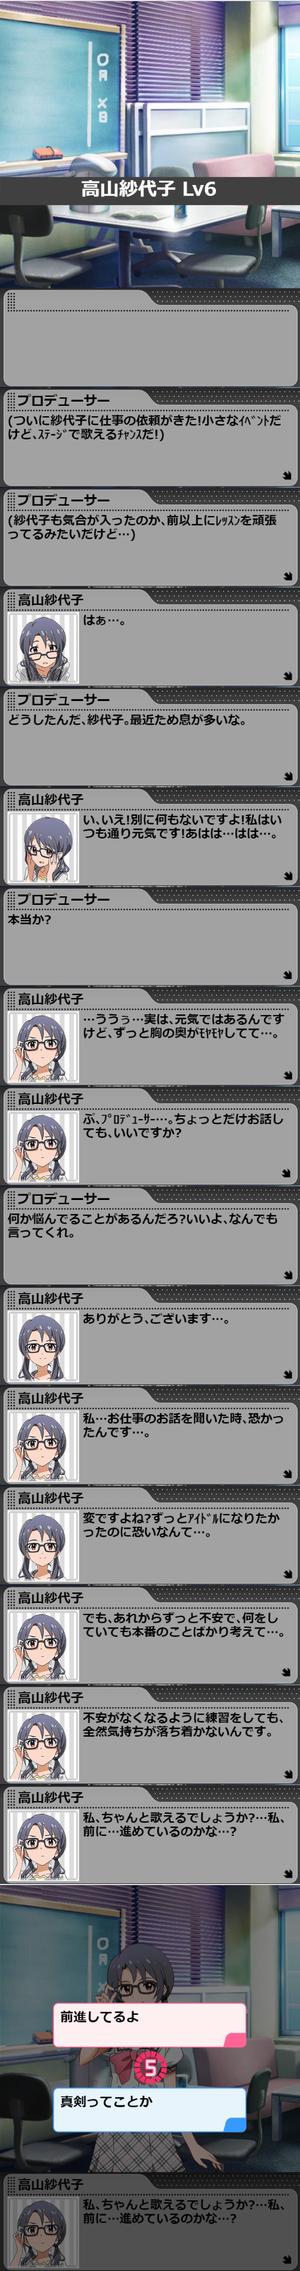 紗代子LV6_1